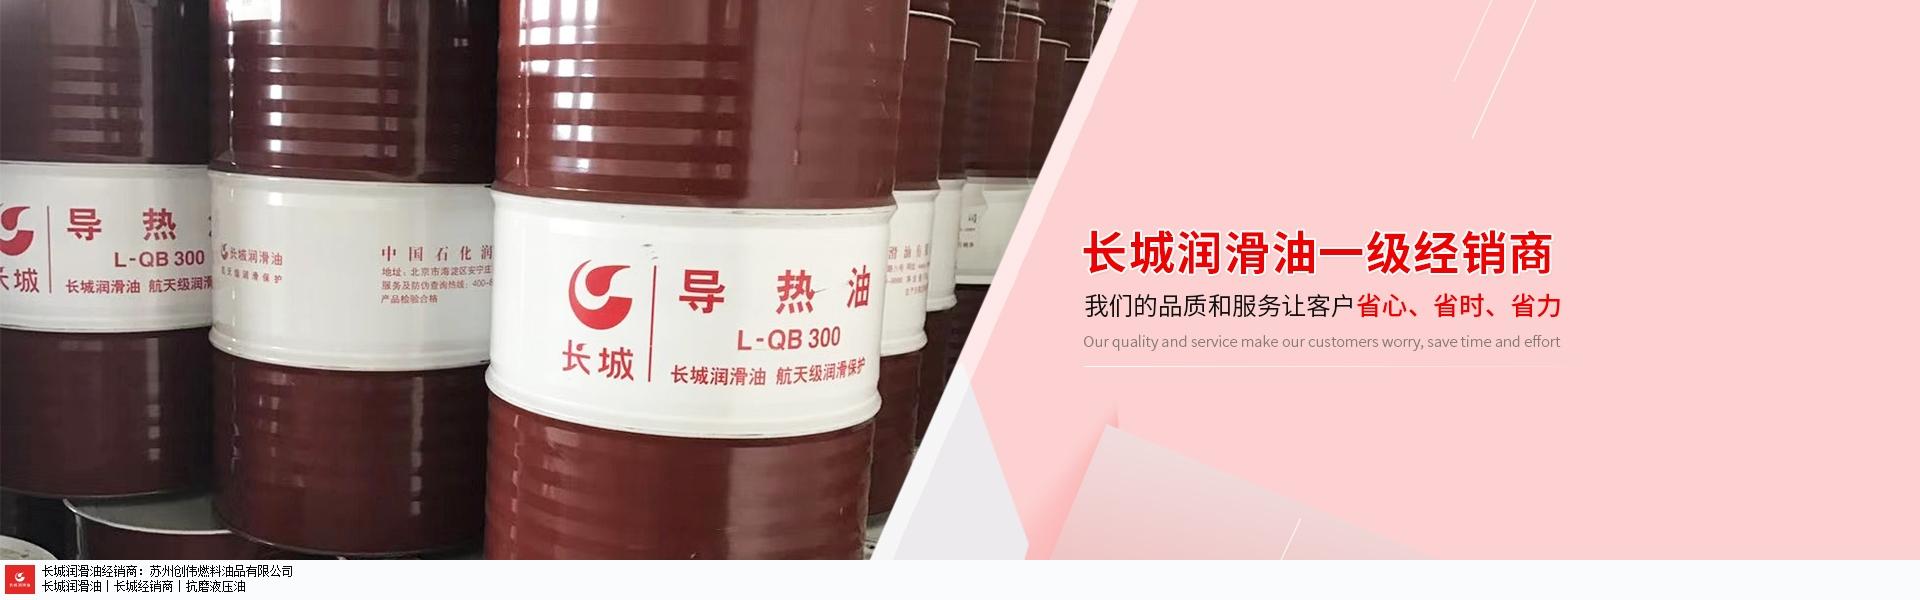 昆山直销长城液压油 推荐咨询「苏州创伟燃料油品供应」